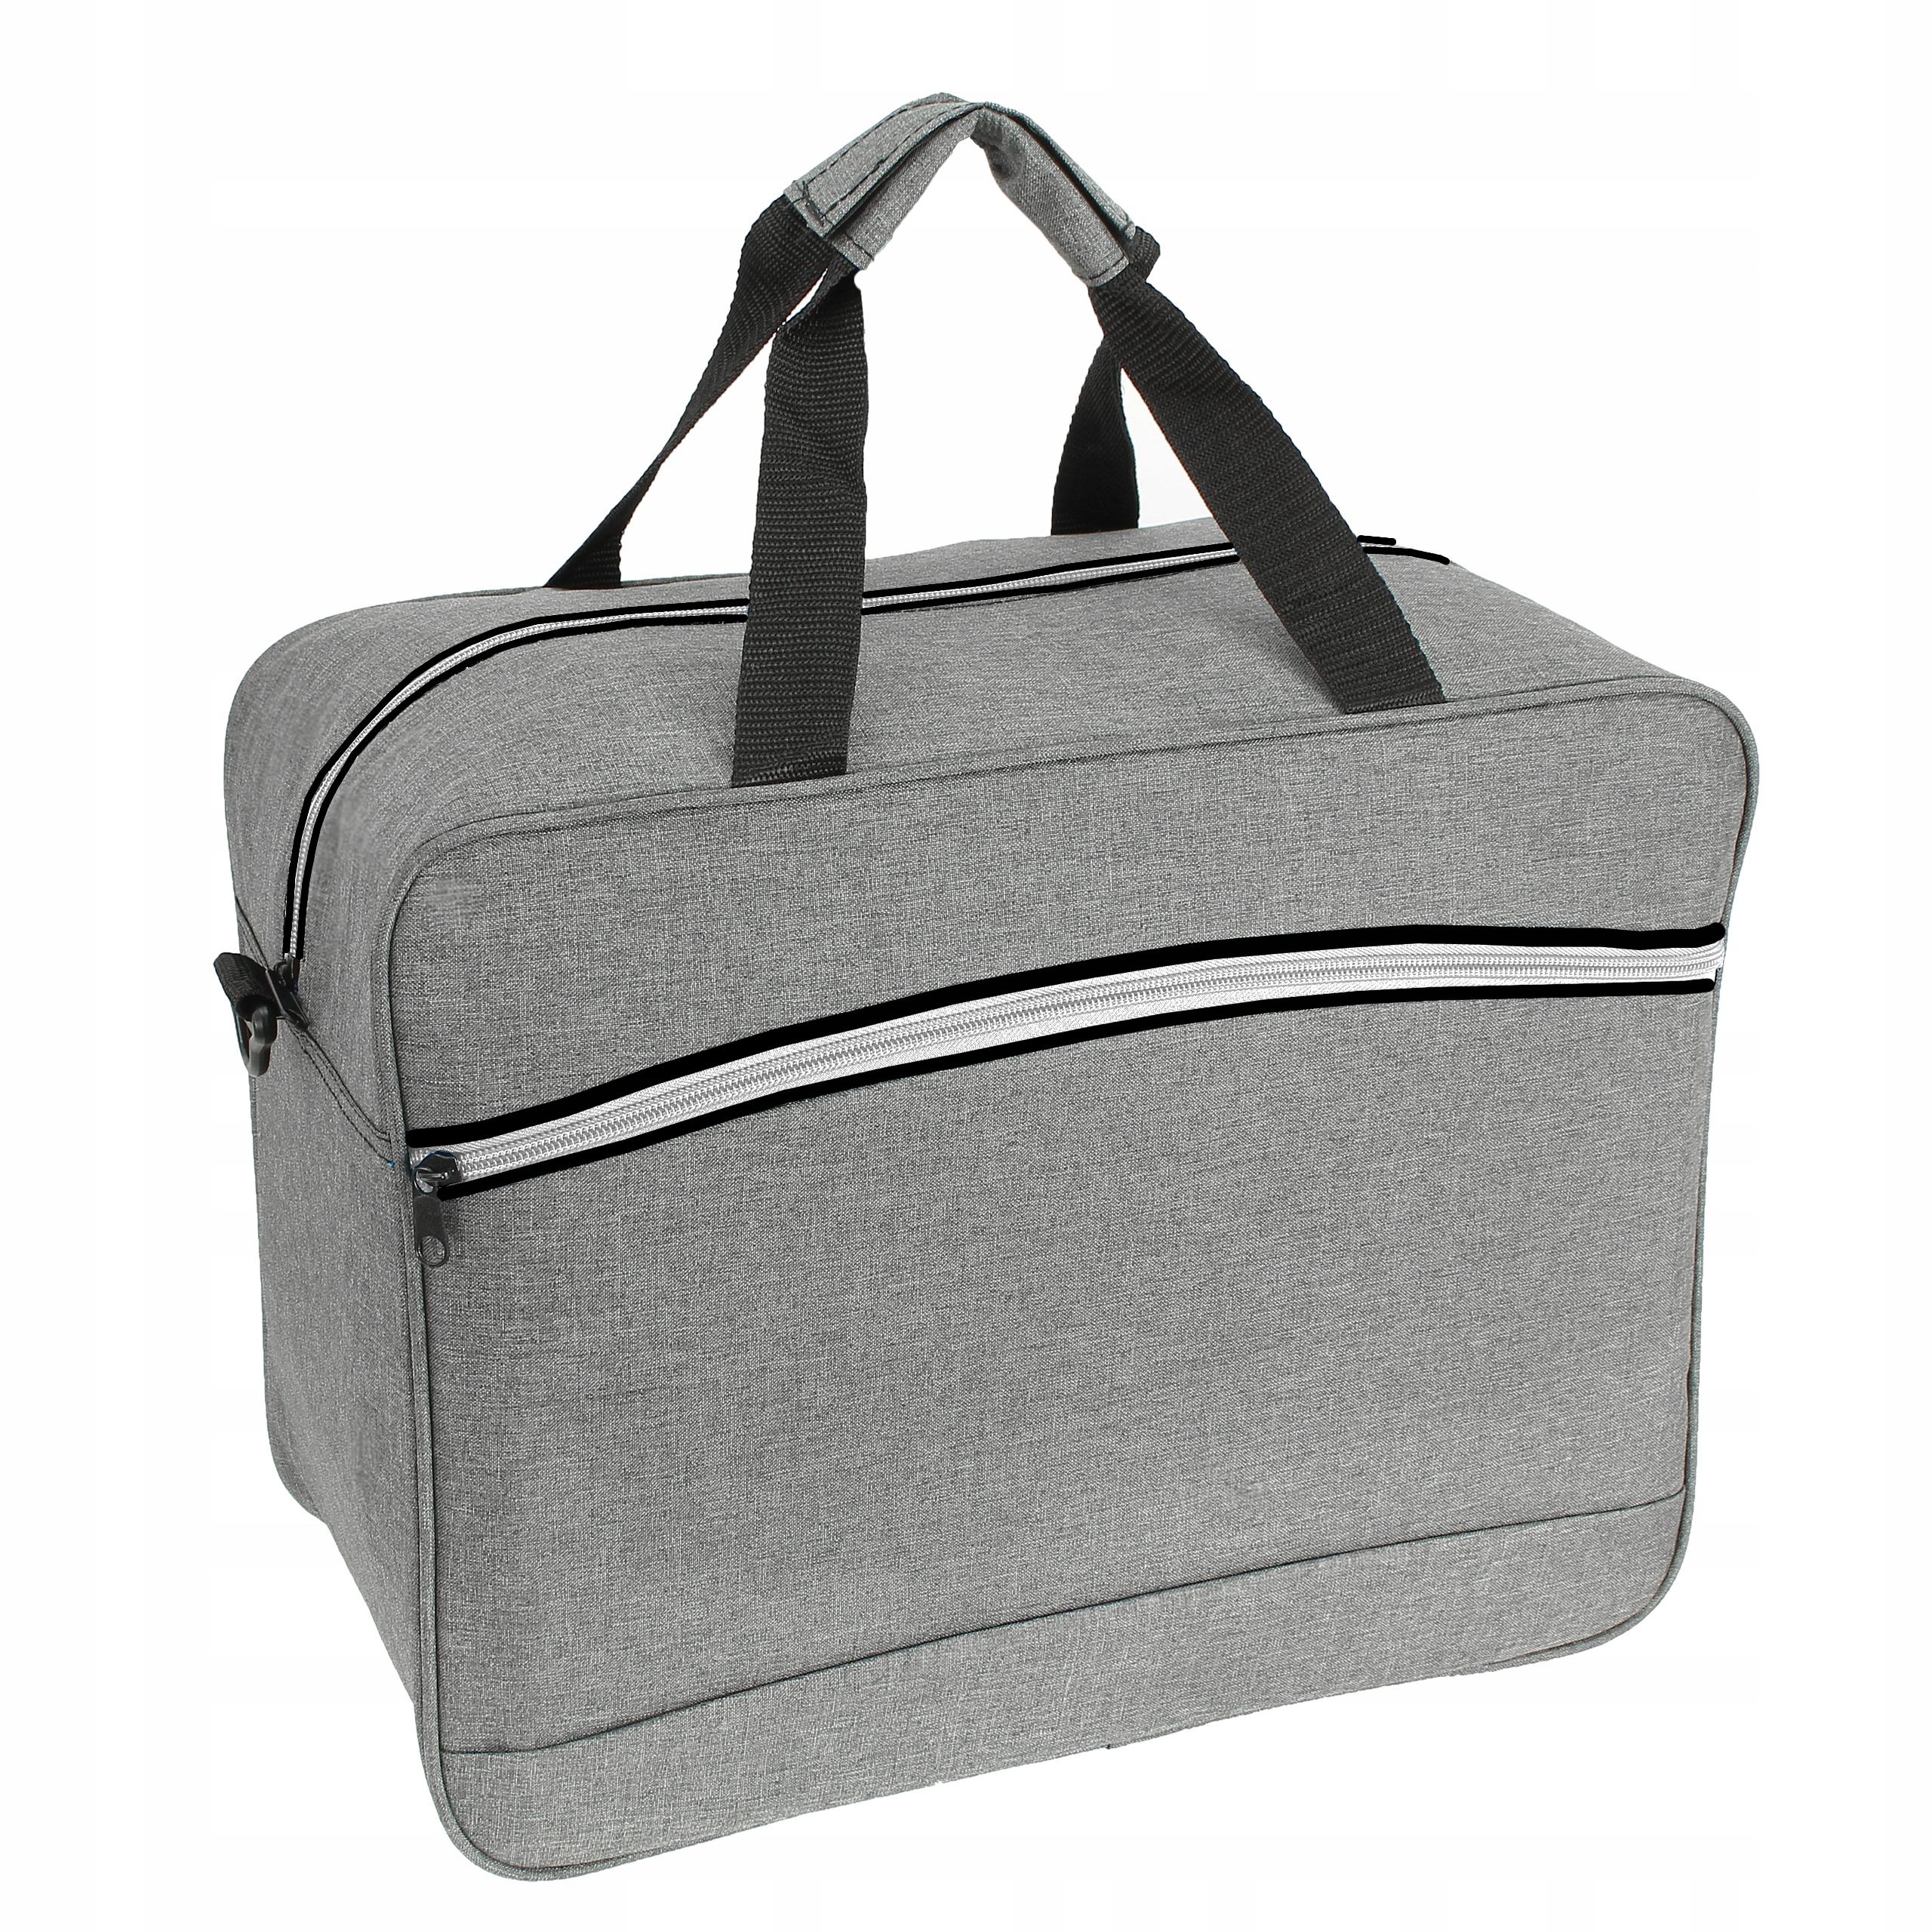 33B BAG RYANAIR чемодан 40x20x25 ручная кладь